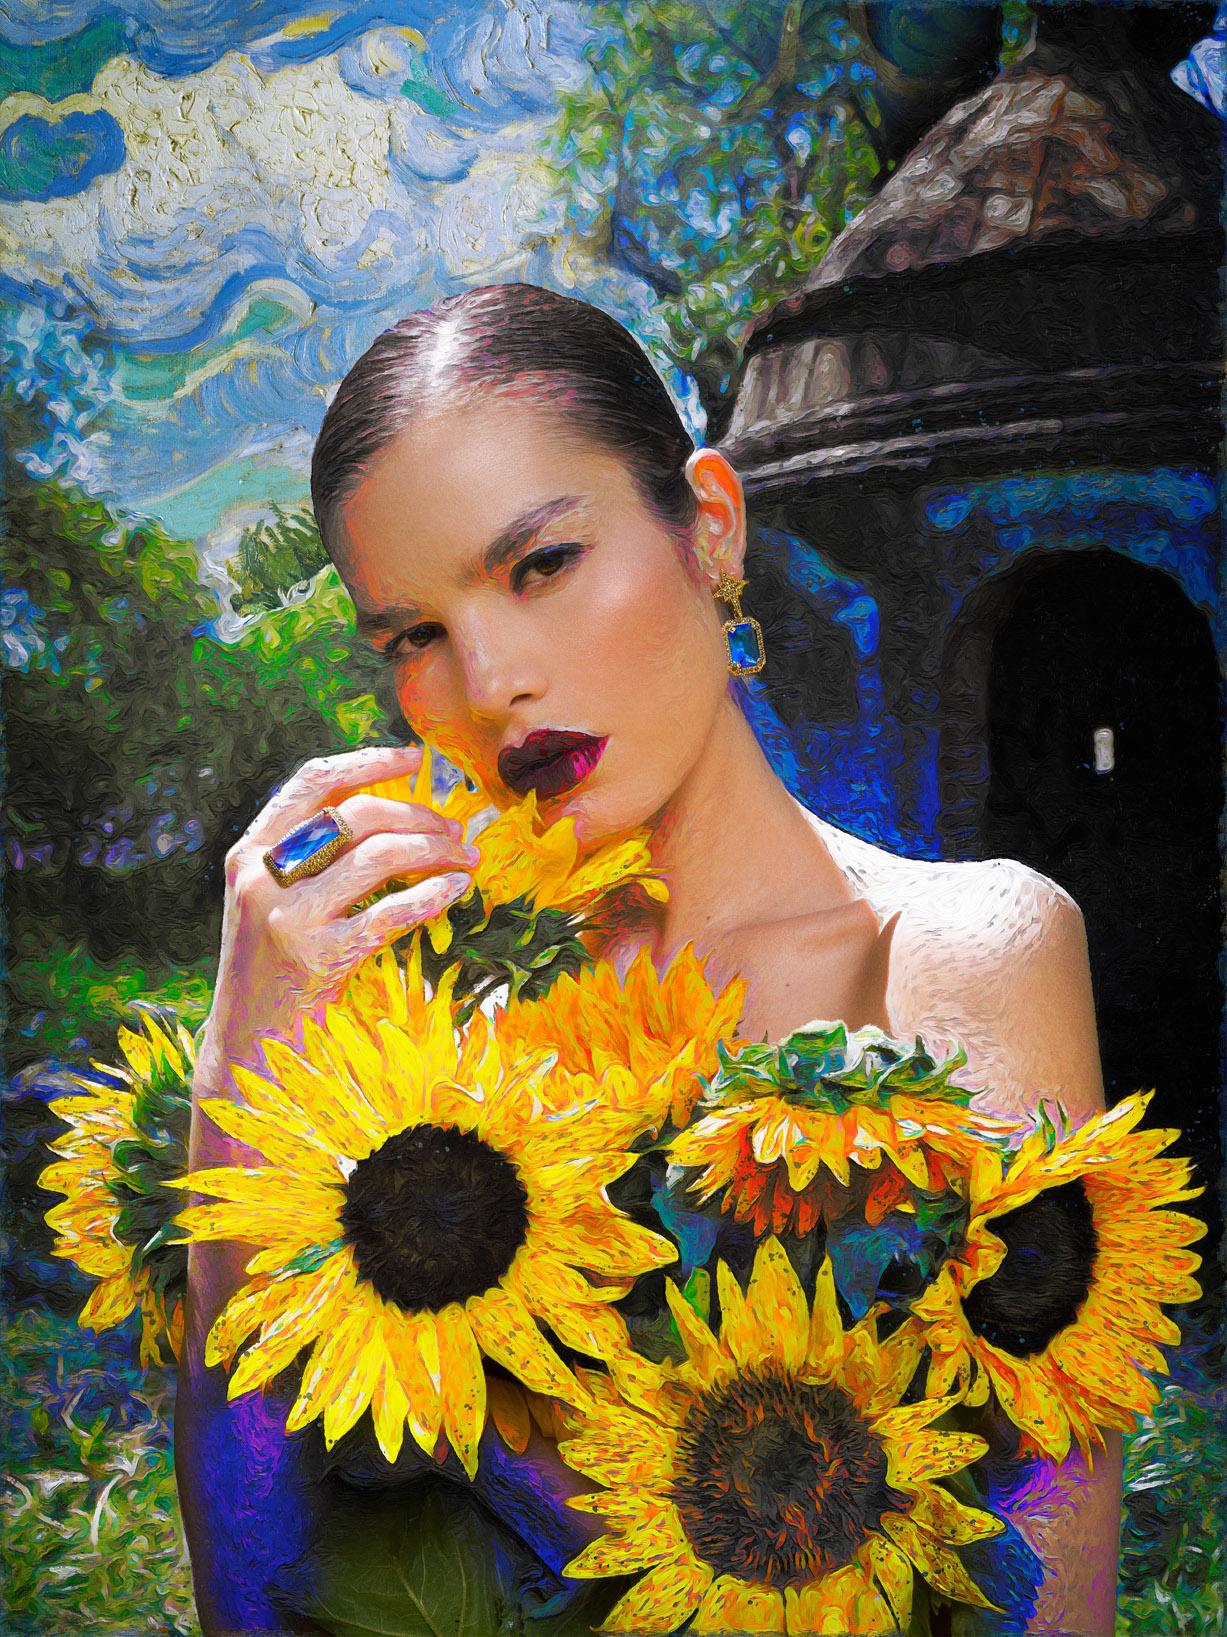 Реклама ювелирных изделий в стиле Ван Гога / фото 02